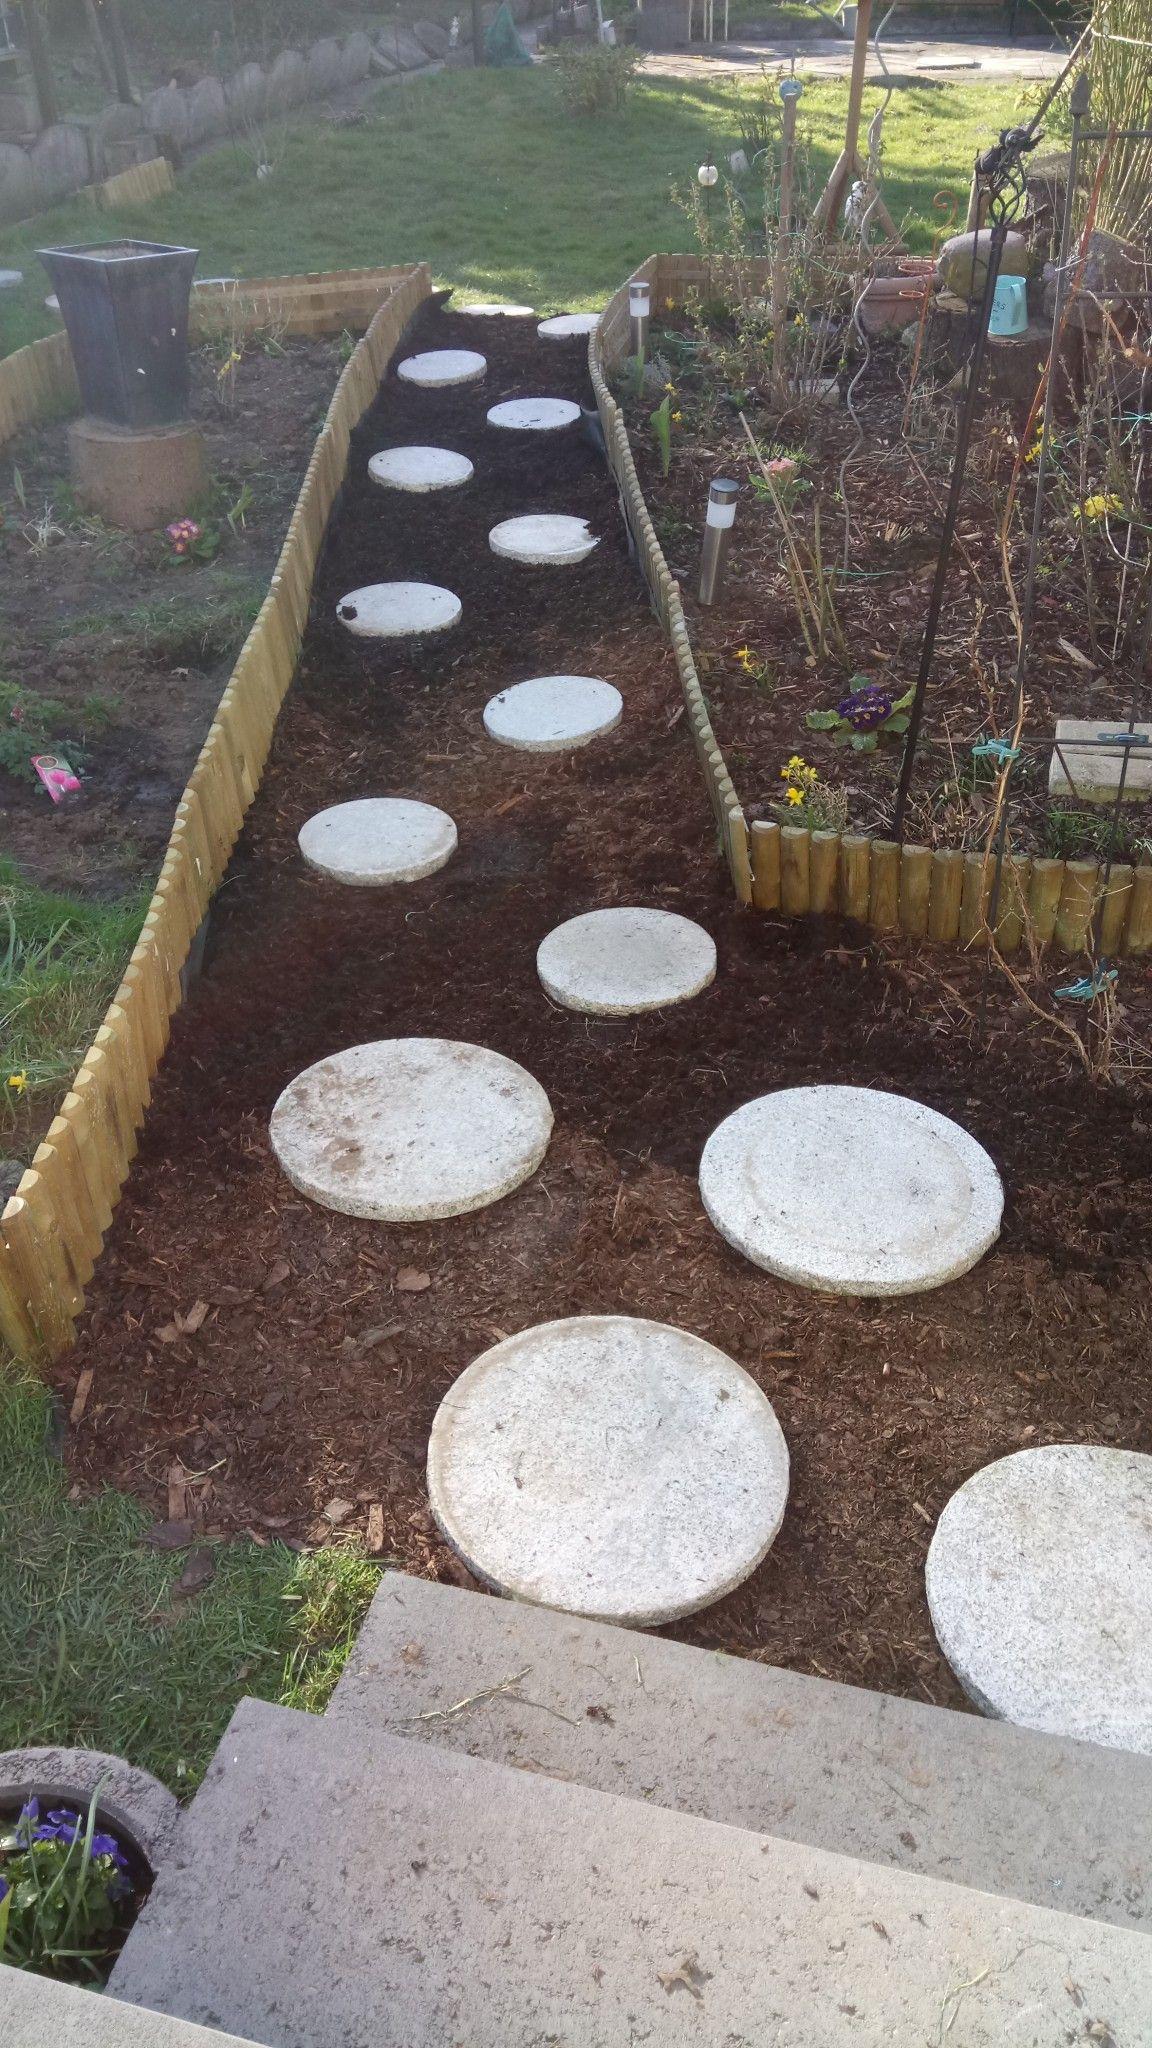 Ein Einfacher Weg Mit Rindenmulch Und Pflastersteine Rindenmulch Garten Gartenweg